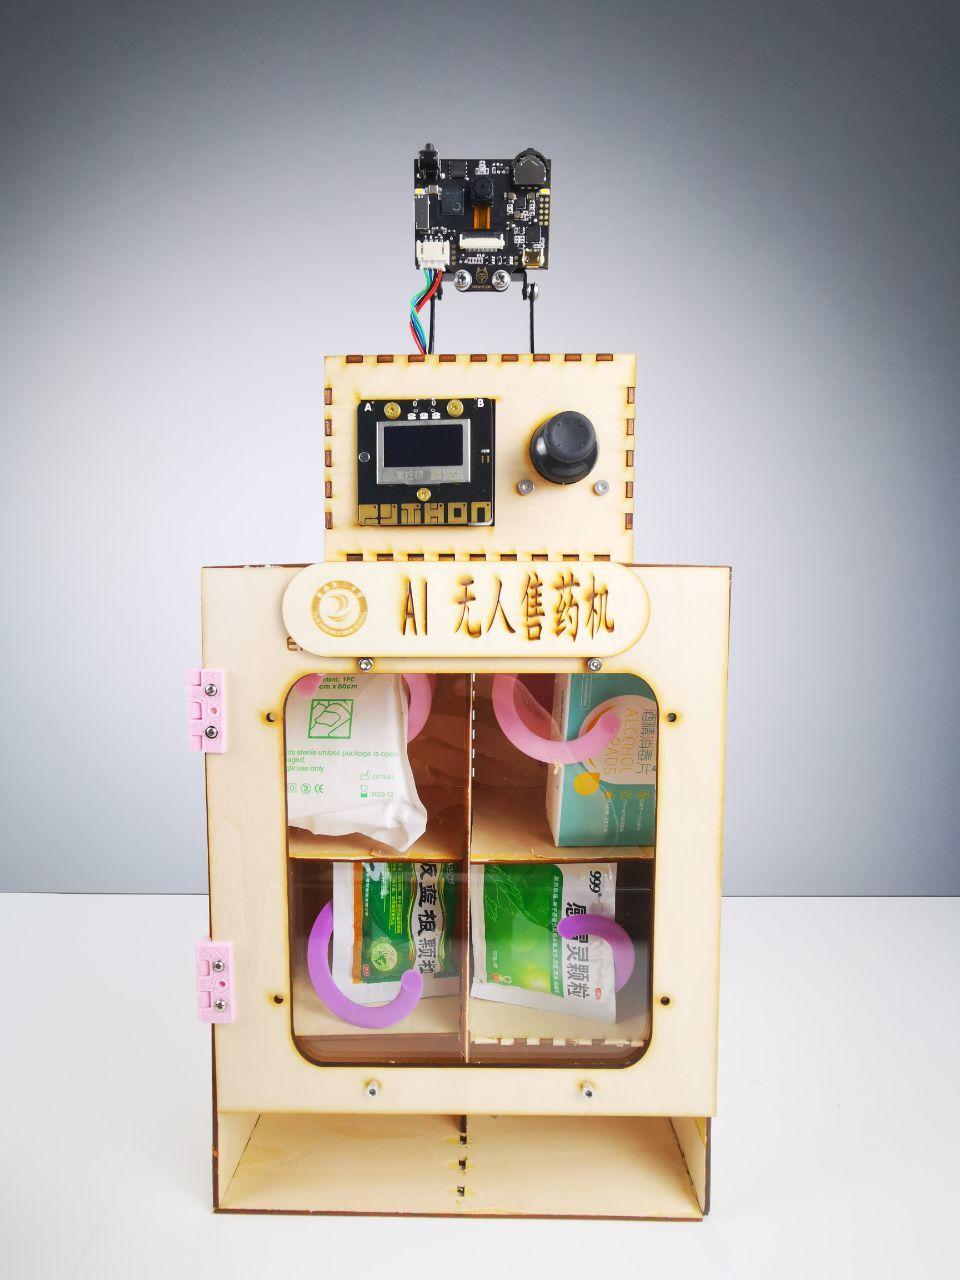 AI无人售药机